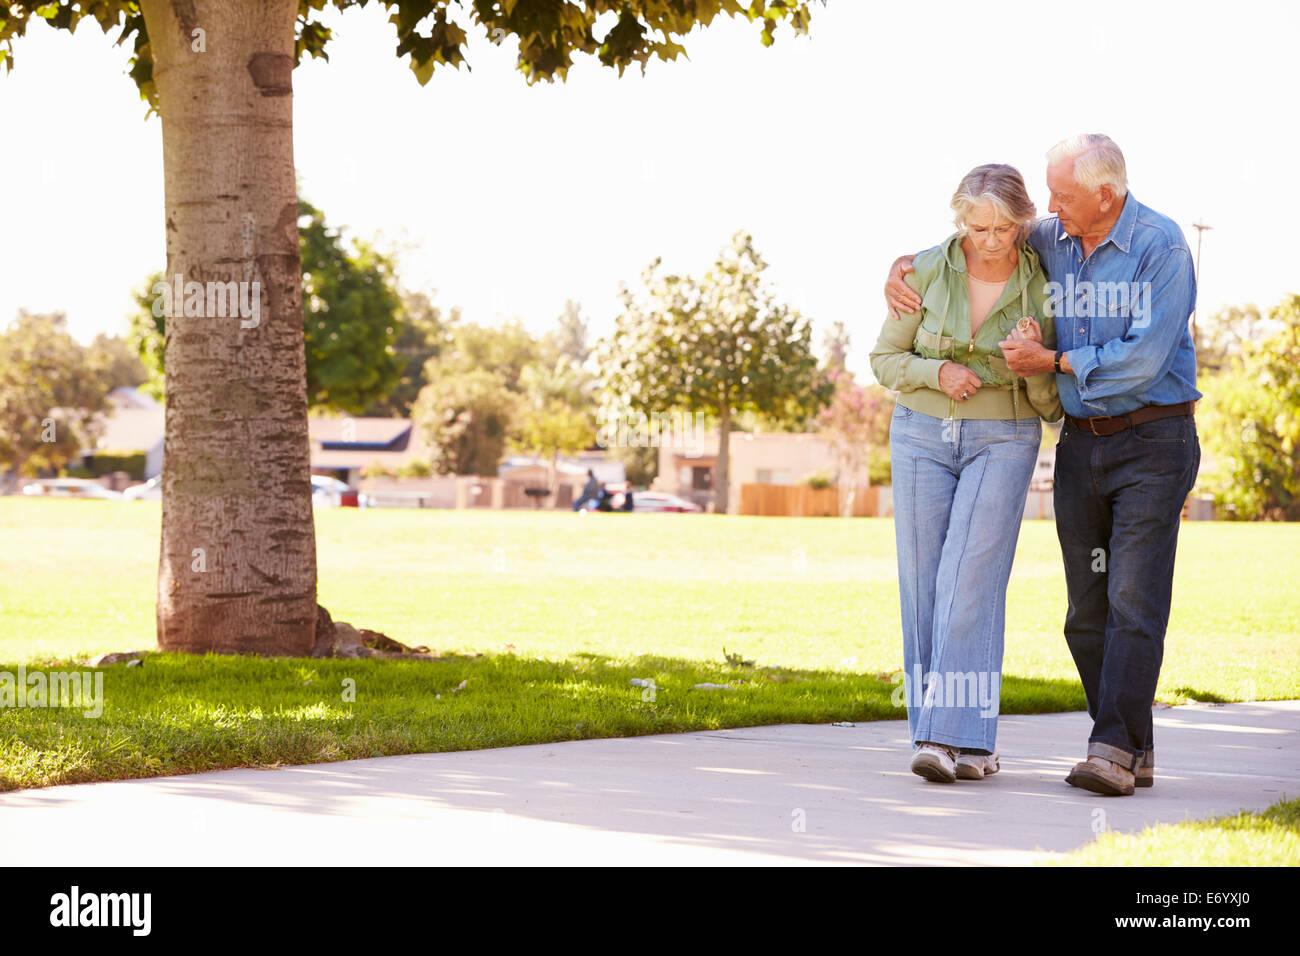 Senior woman Frau zu helfen, als sie zusammen im Park Fuß Stockbild